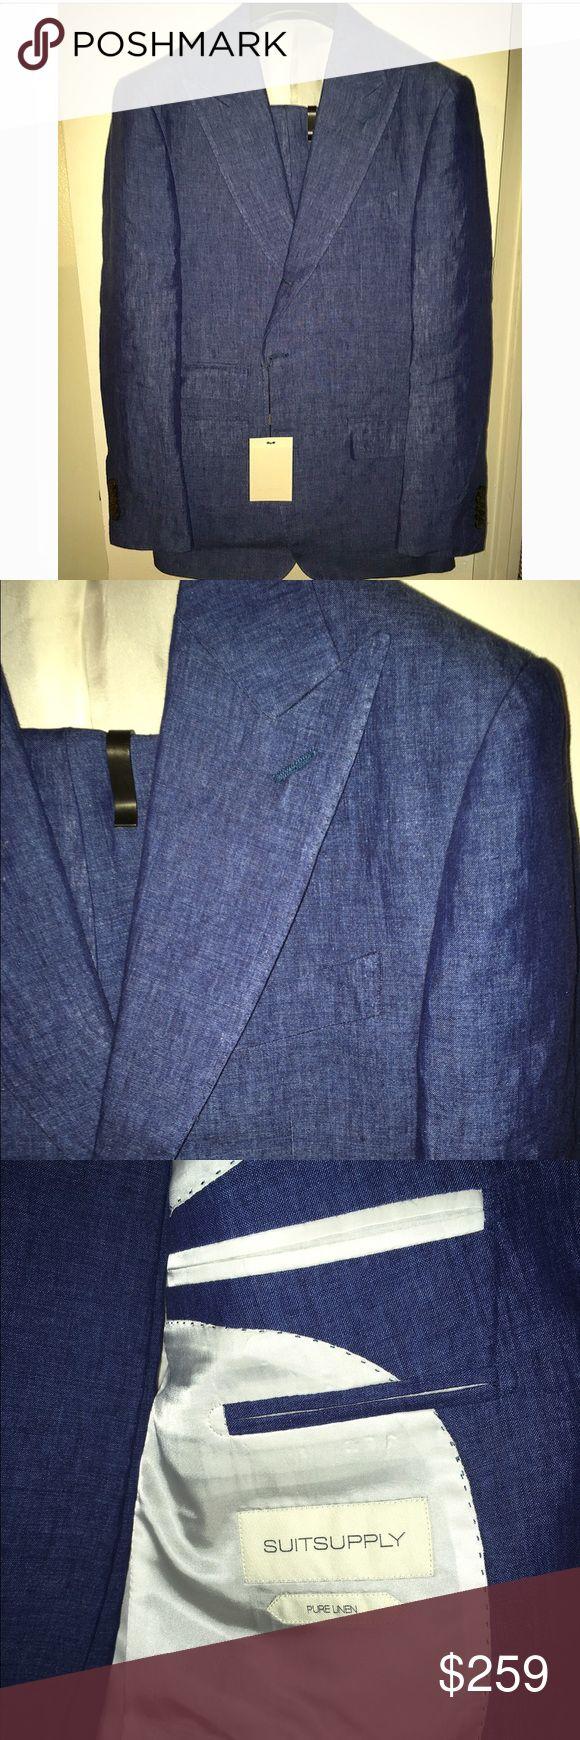 1000+ ideas about Blue Linen Suit on Pinterest | Men's ...